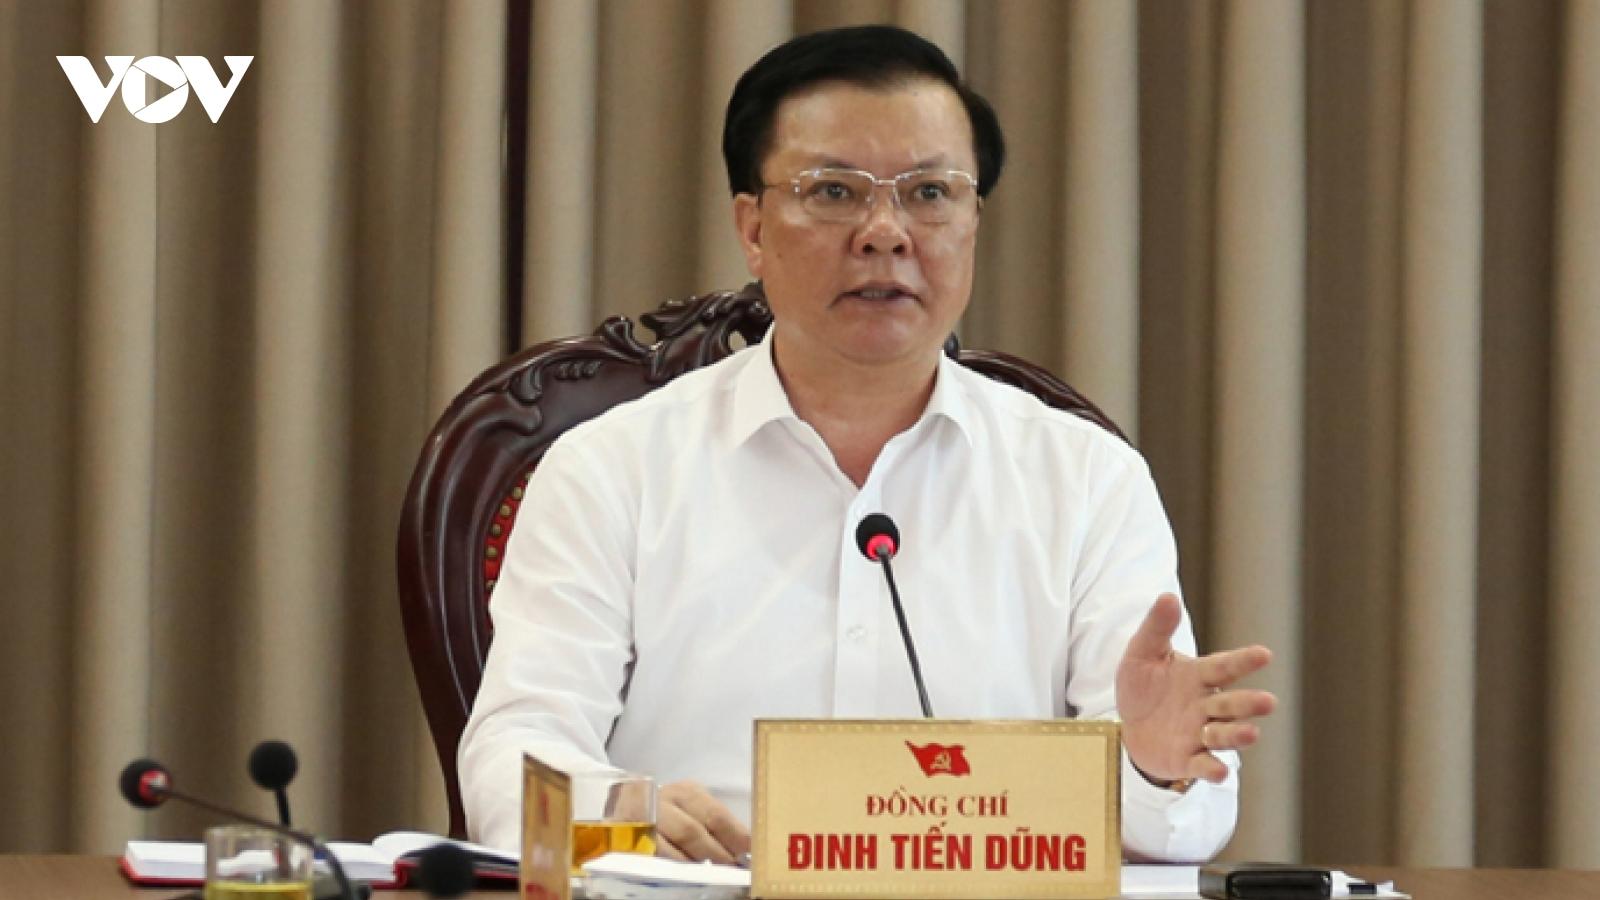 Thành ủy Hà Nội đề ra 7 nhiệm vụ cấp bách để phòng chống dịch